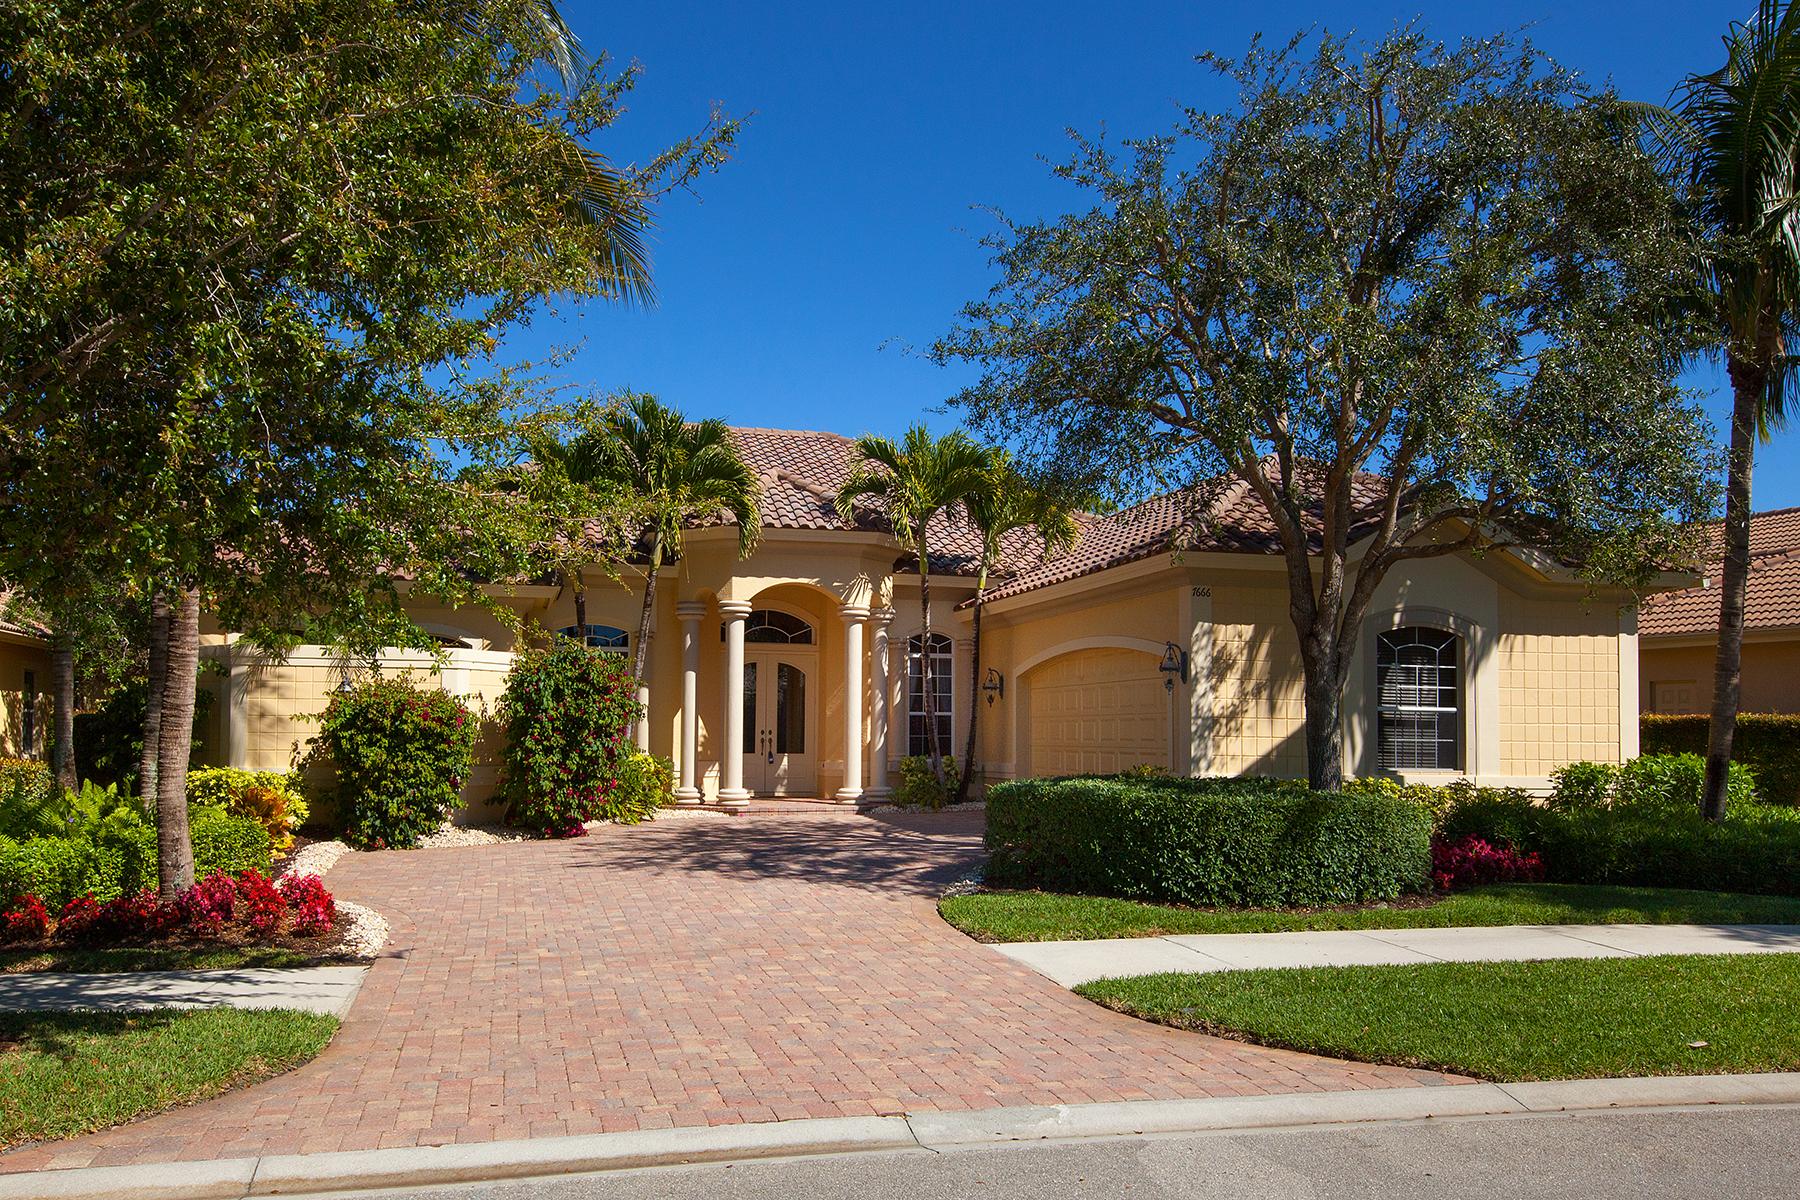 Частный односемейный дом для того Продажа на FIDDLER'S CREEK - MULBERRY ROW 7666 Mulberry Ln Naples, Флорида 34114 Соединенные Штаты